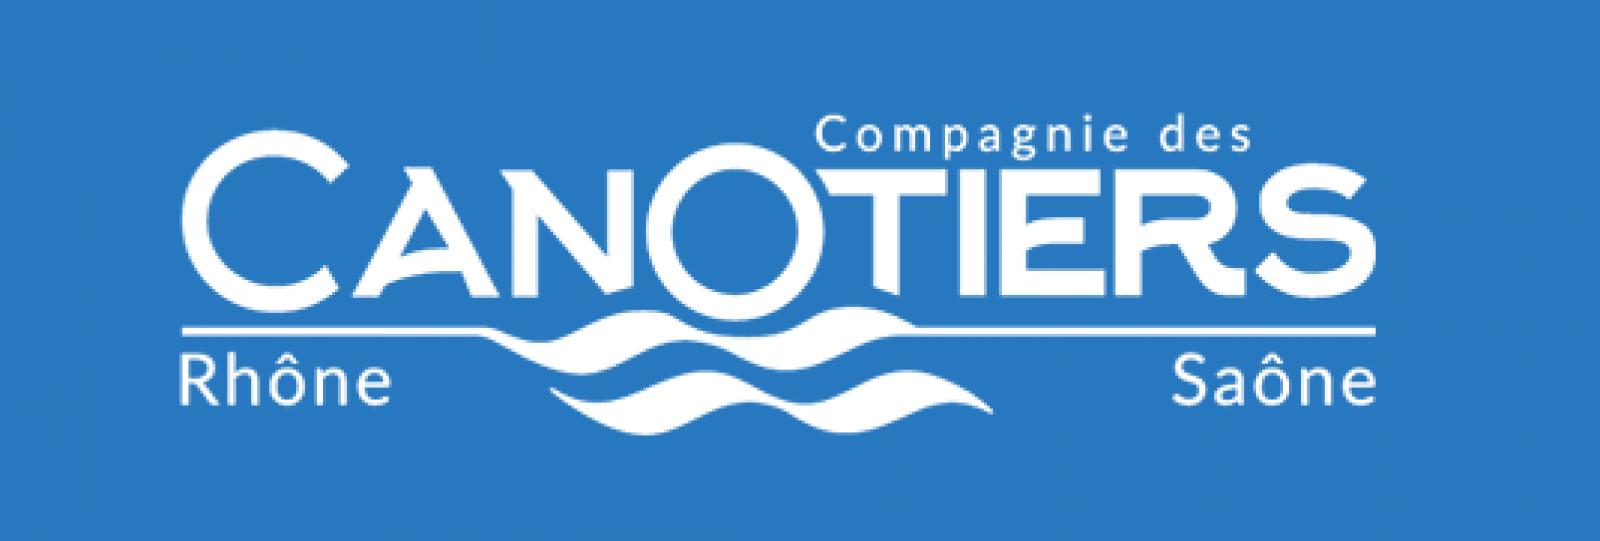 La Compagnie des Canotiers